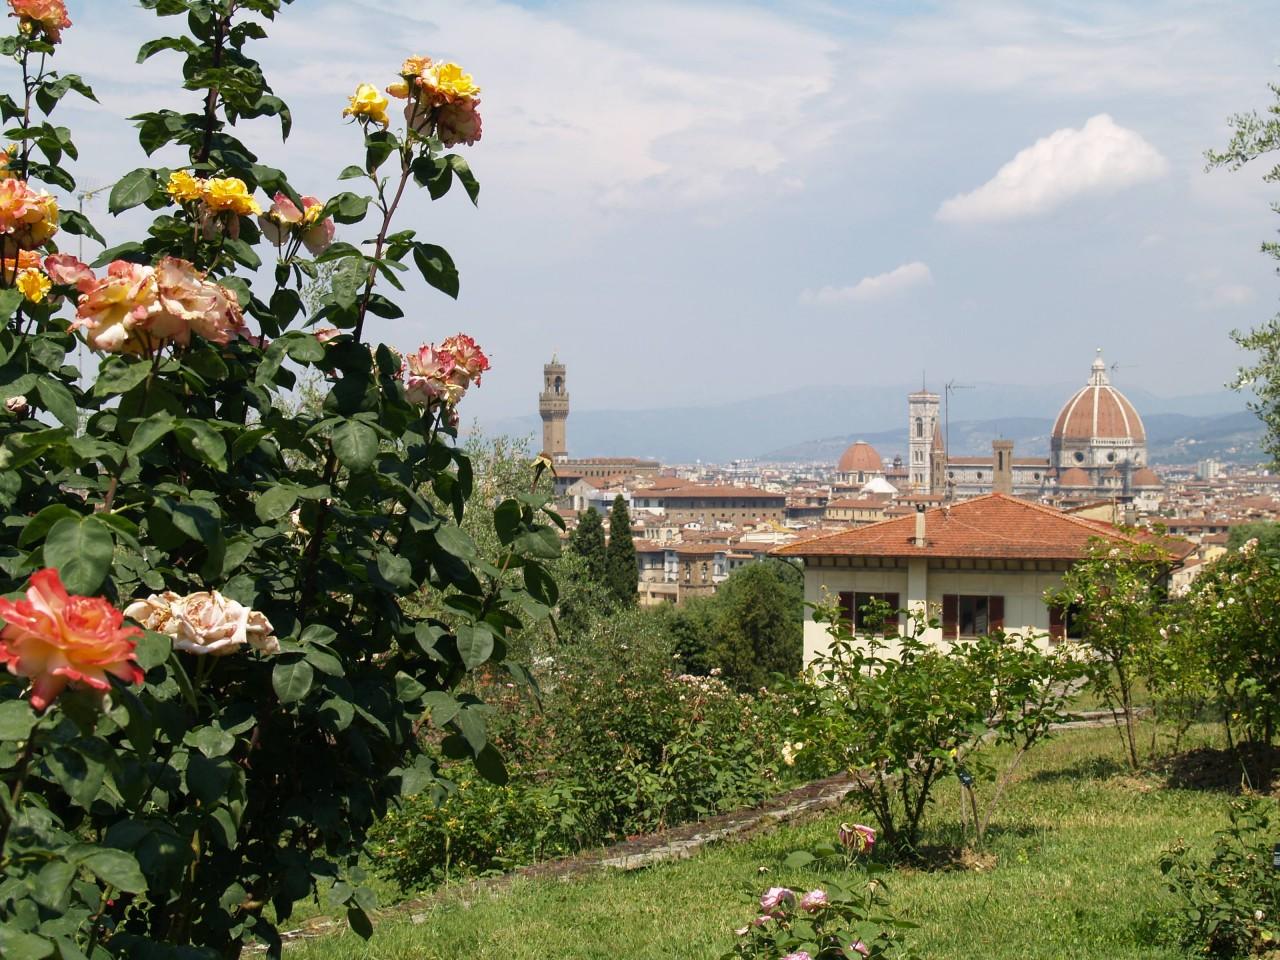 Ville e giardini medicei della toscana un patrimonio - Giardino con rose ...